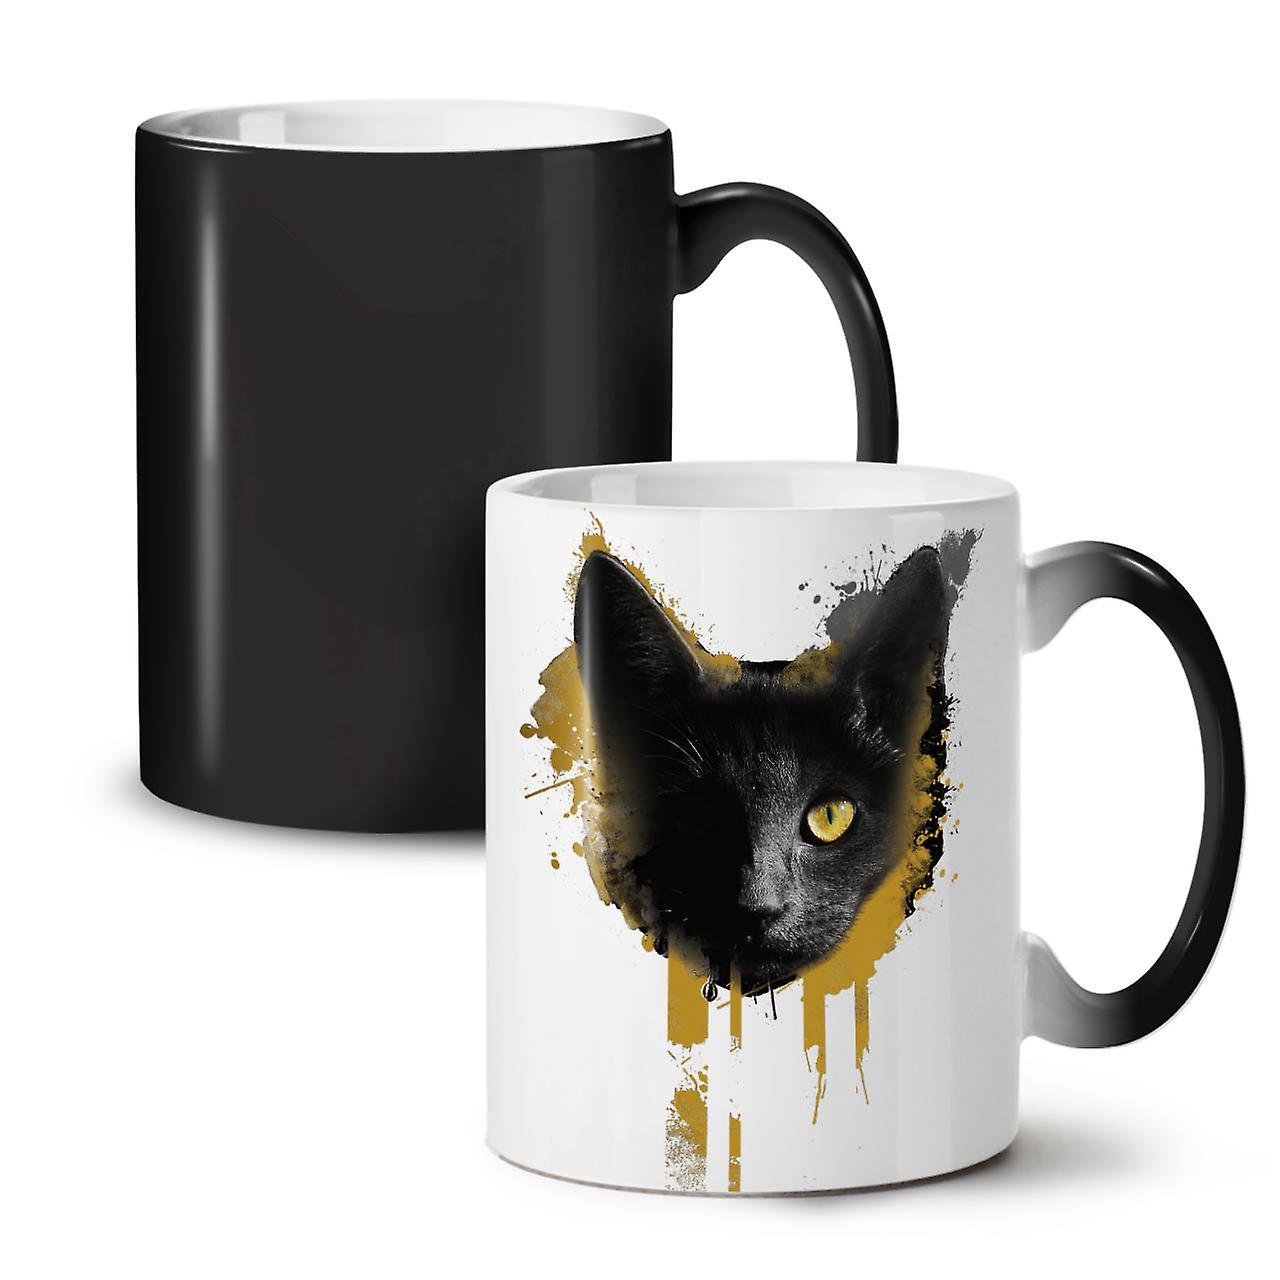 OzWellcoda Café Noir Nouveau Thé Céramique Adorable Couleur 11 Animal Tasse De Changeant Kitty 2IYW9DEH